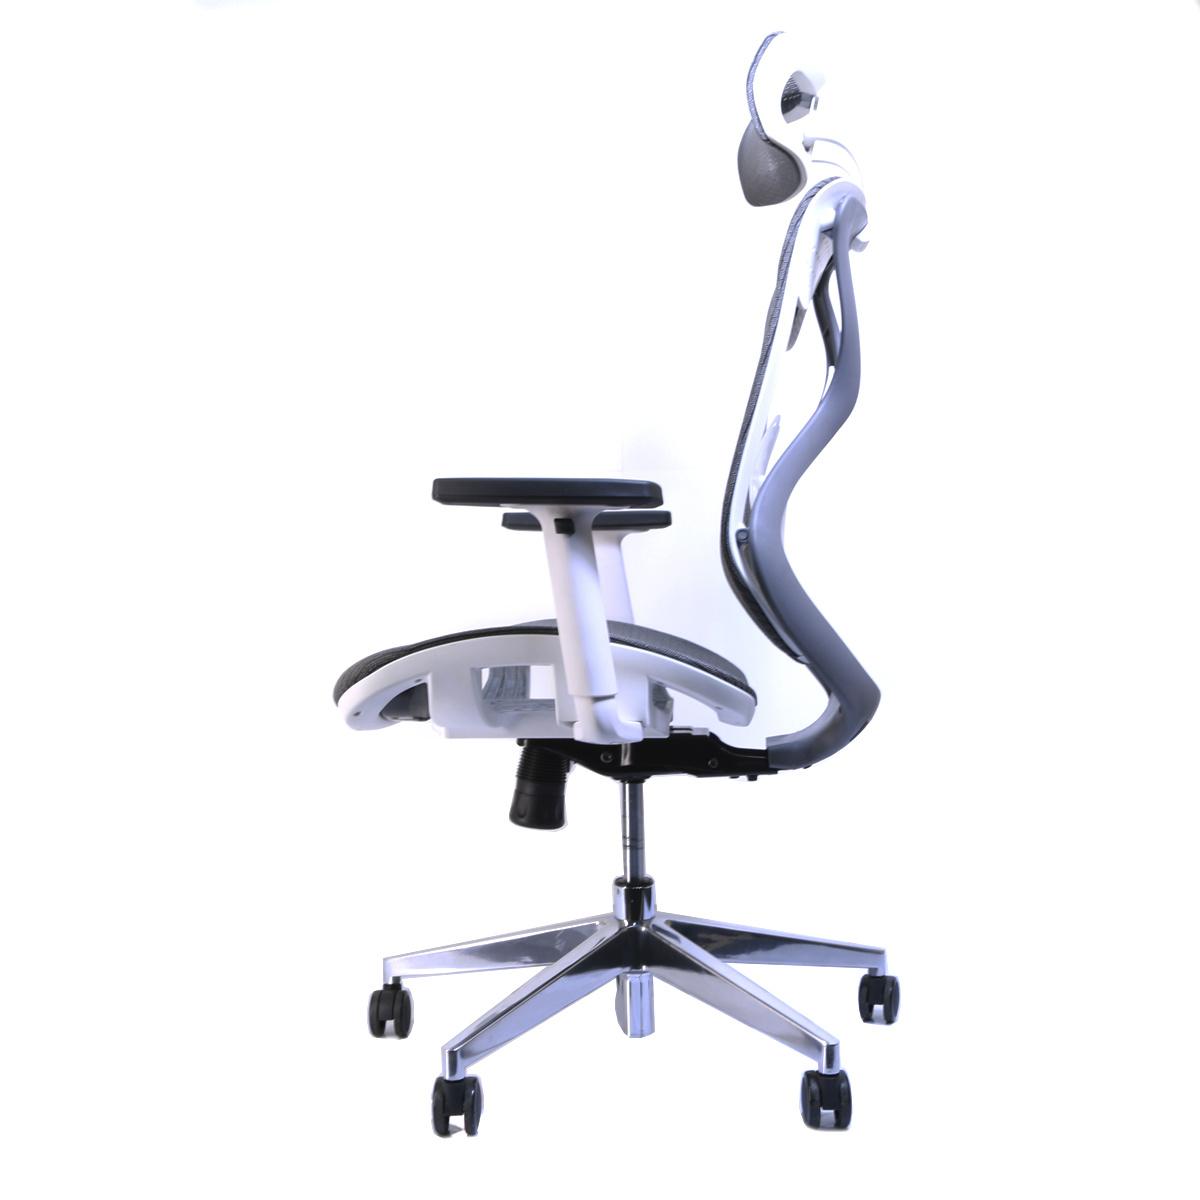 Design Bureaustoel Wit.Ergonomische Bureaustoel Ergo 2 Grijs Wit Deals2day